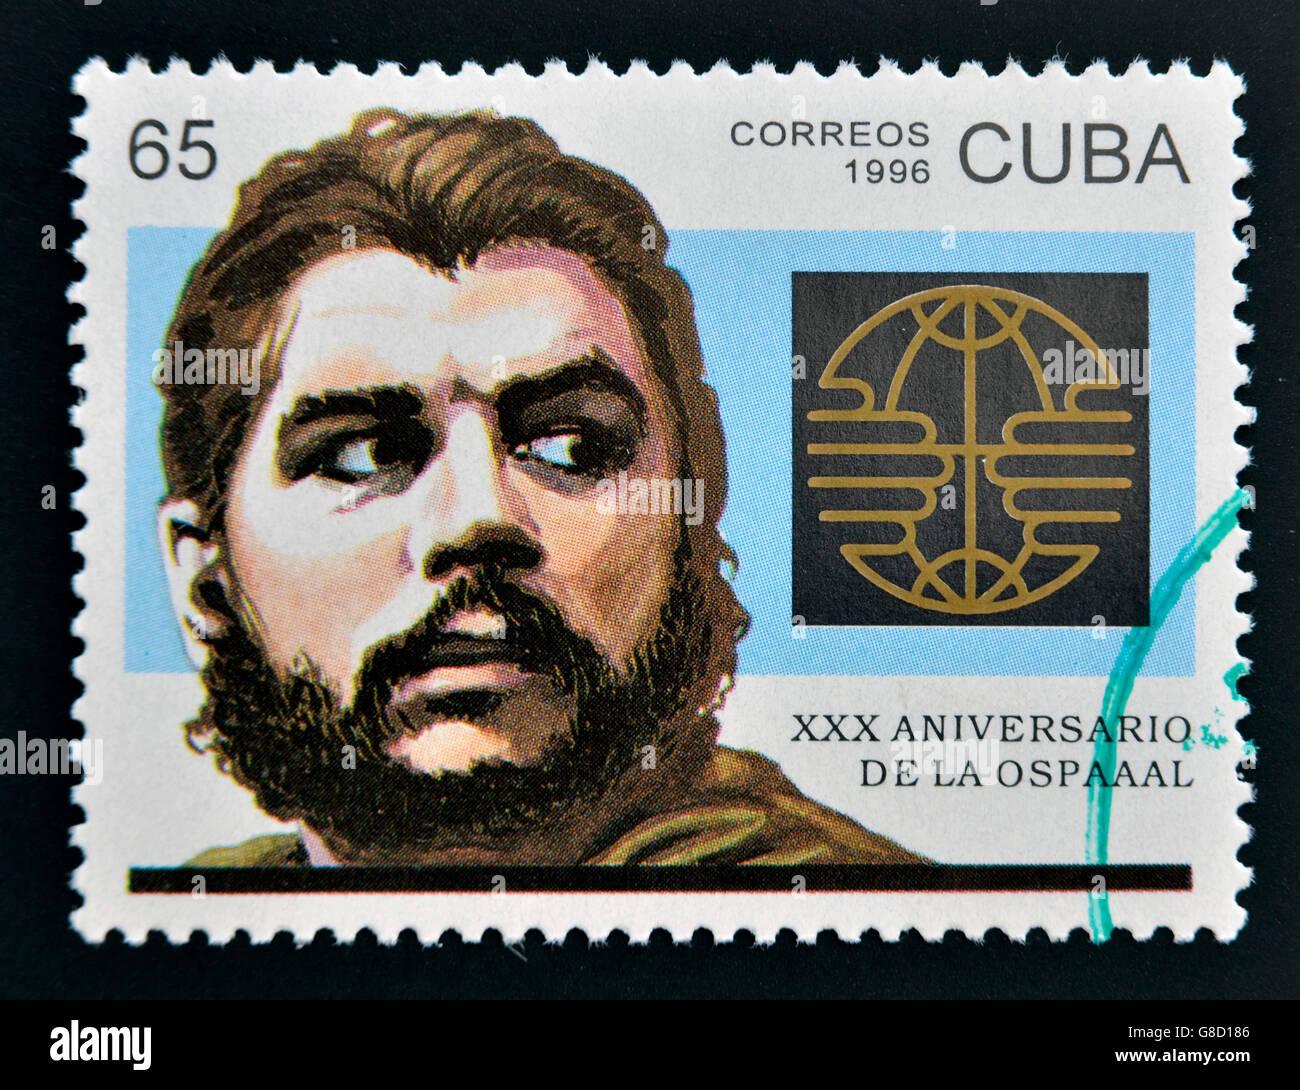 Fidel Castro Che Guevara Portrait Stock Photos   Fidel Castro Che ... 4a1850dc2bc0